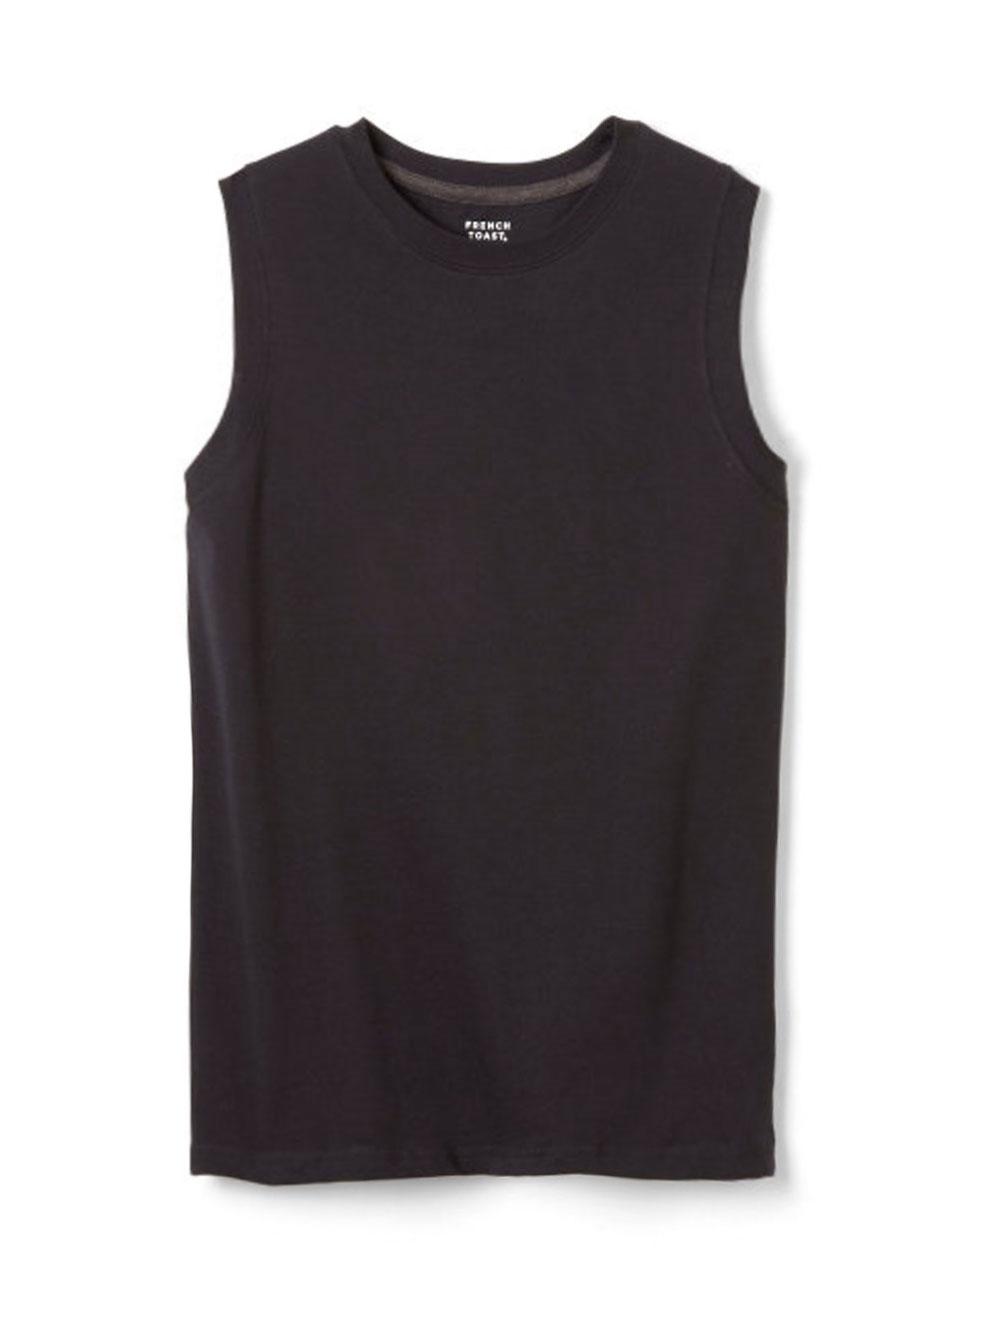 Image of French Toast Big Boys Sleeveless TShirt Sizes 8  20  black 1012